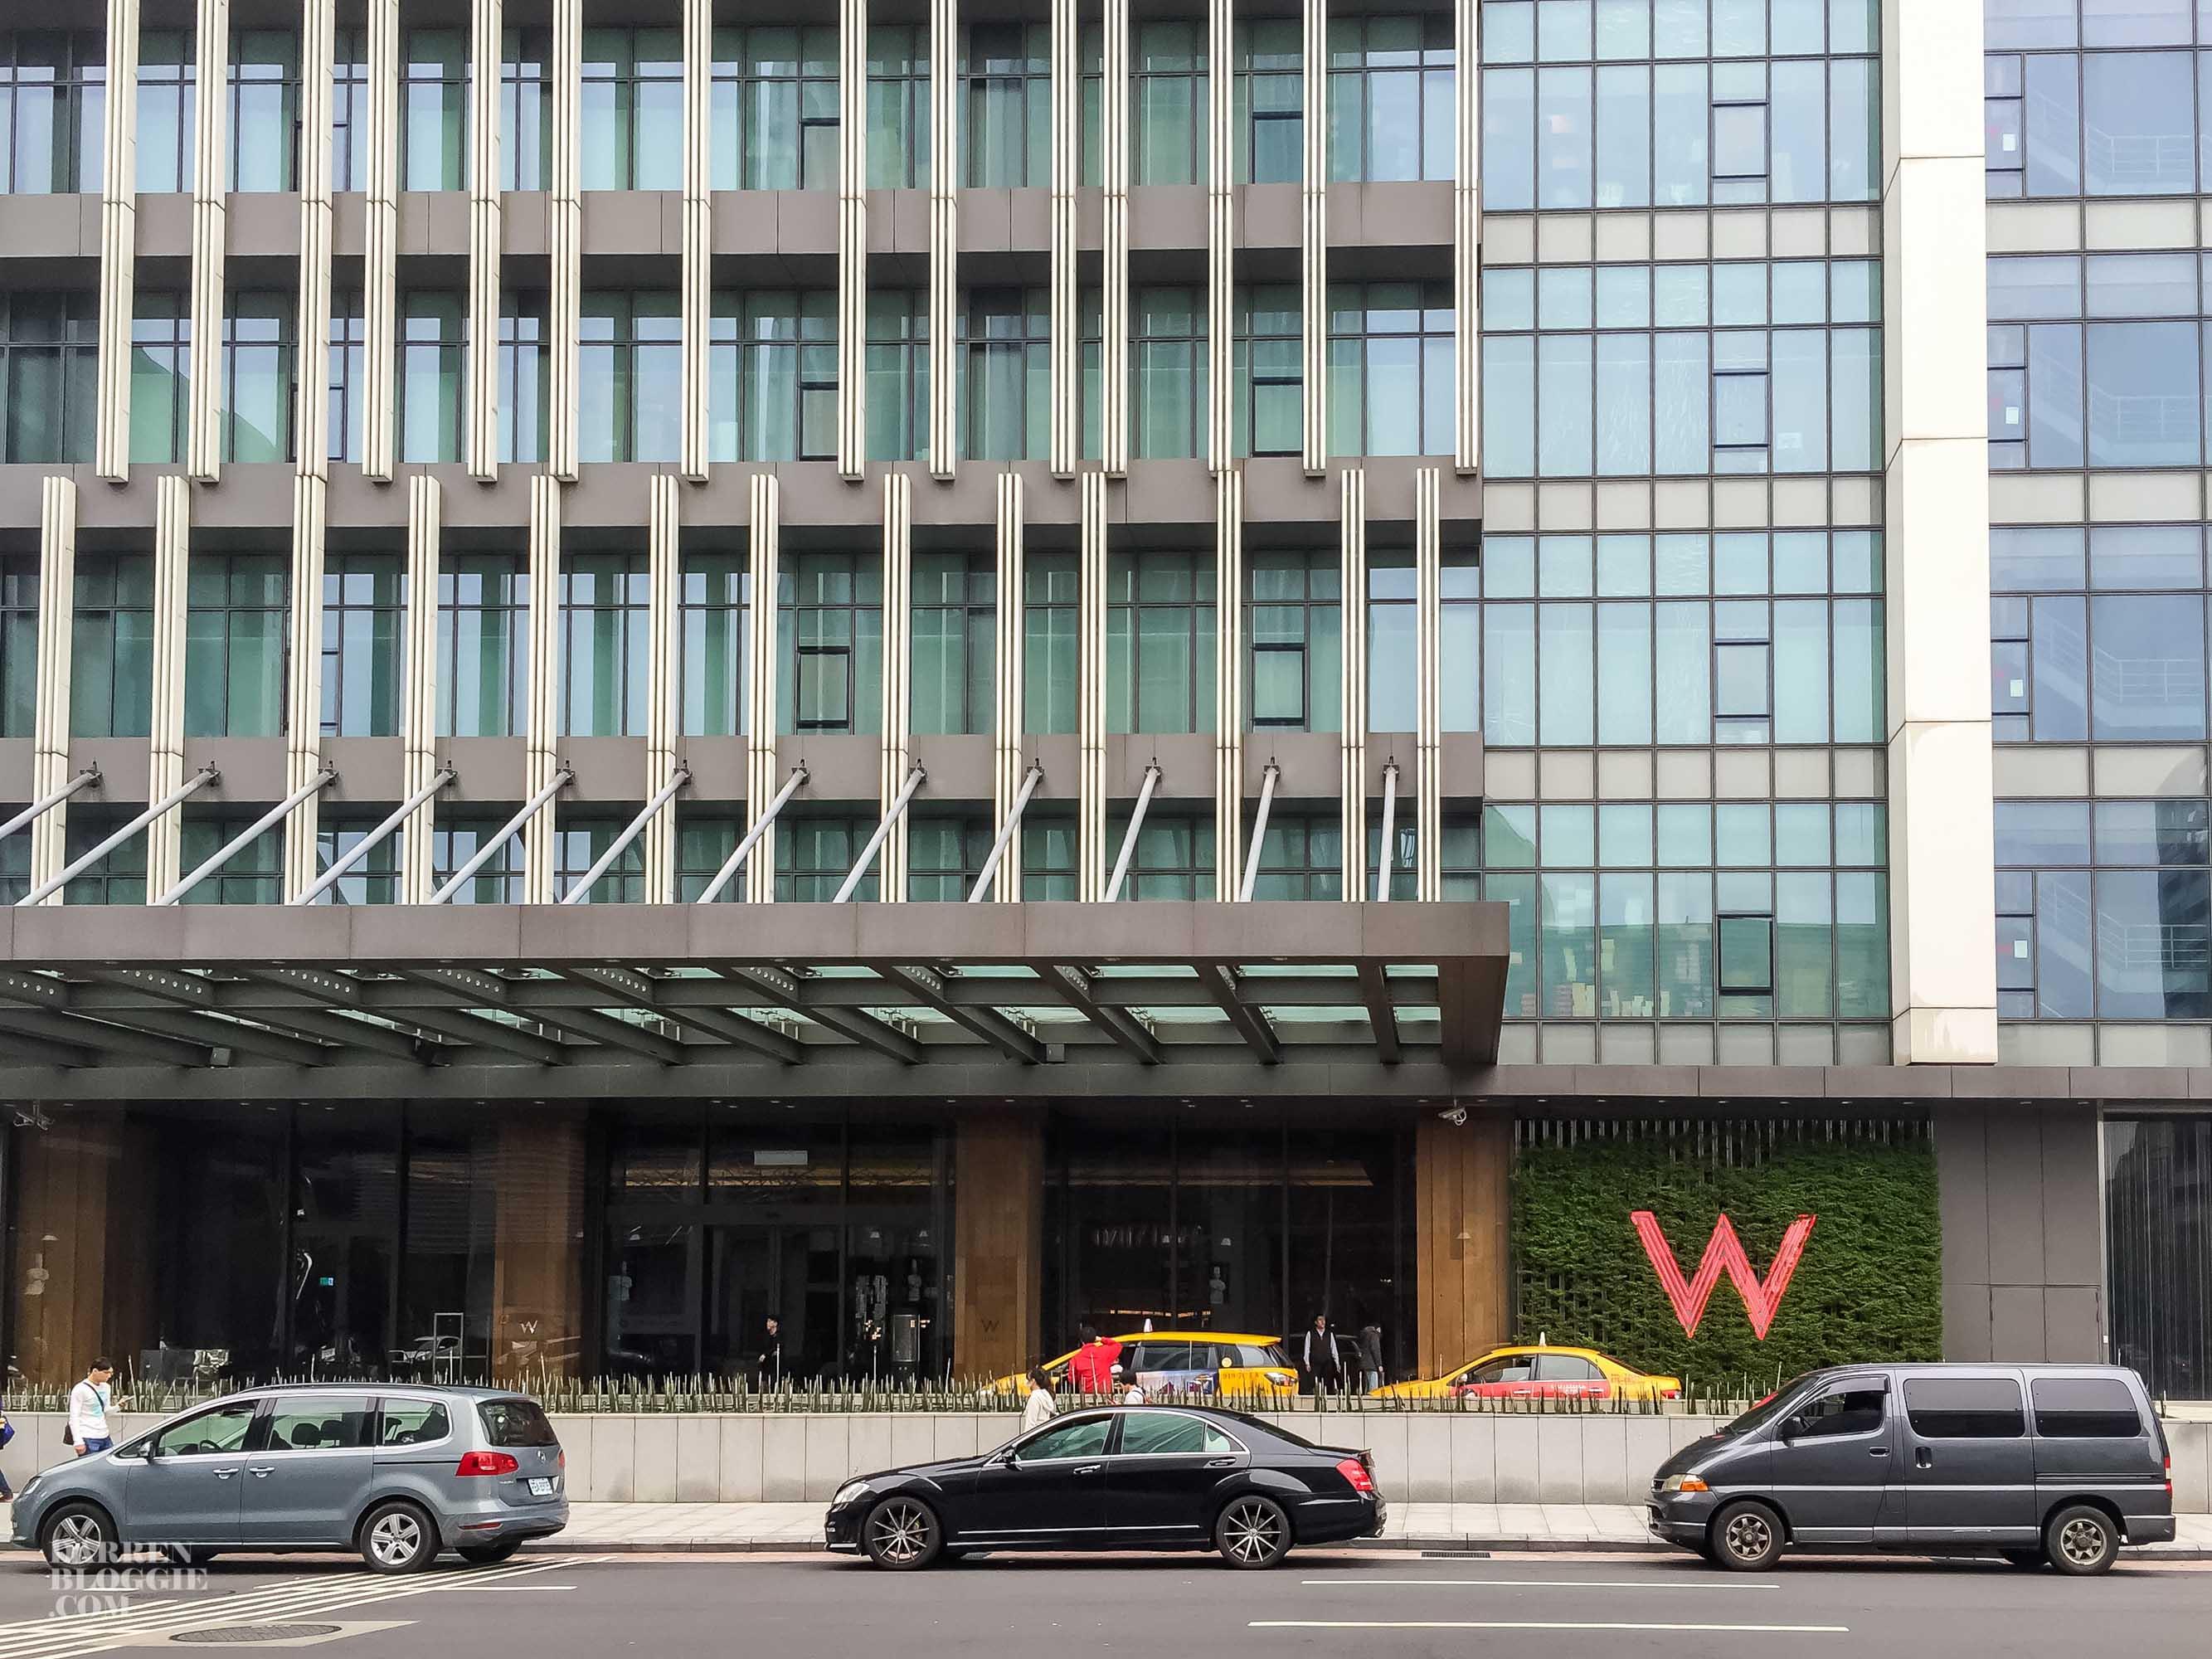 w-hotel-taipei-taiwan-darrenbloggie-70